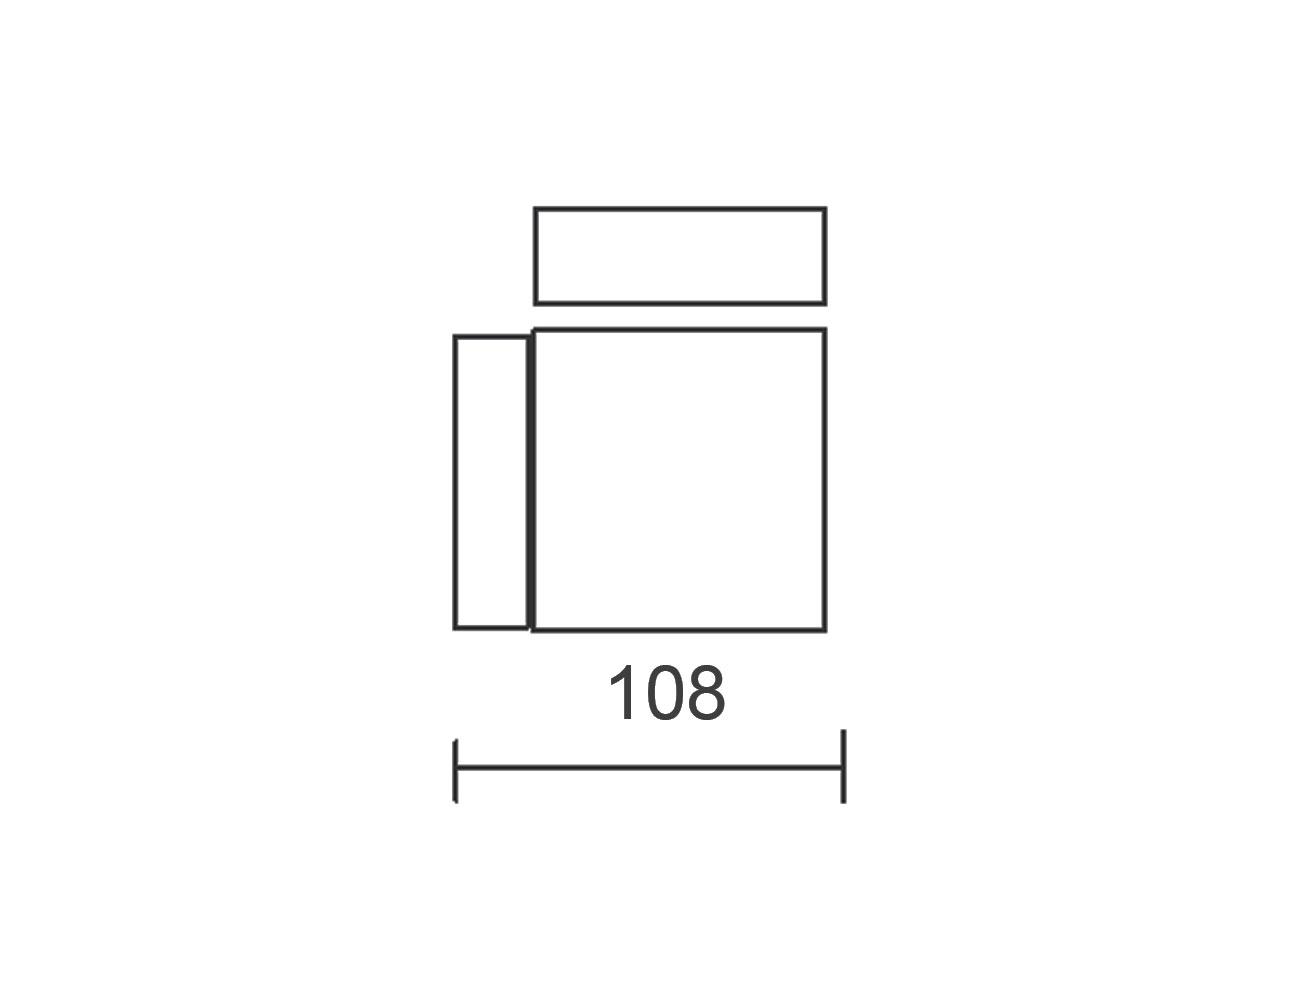 Modulo 1085